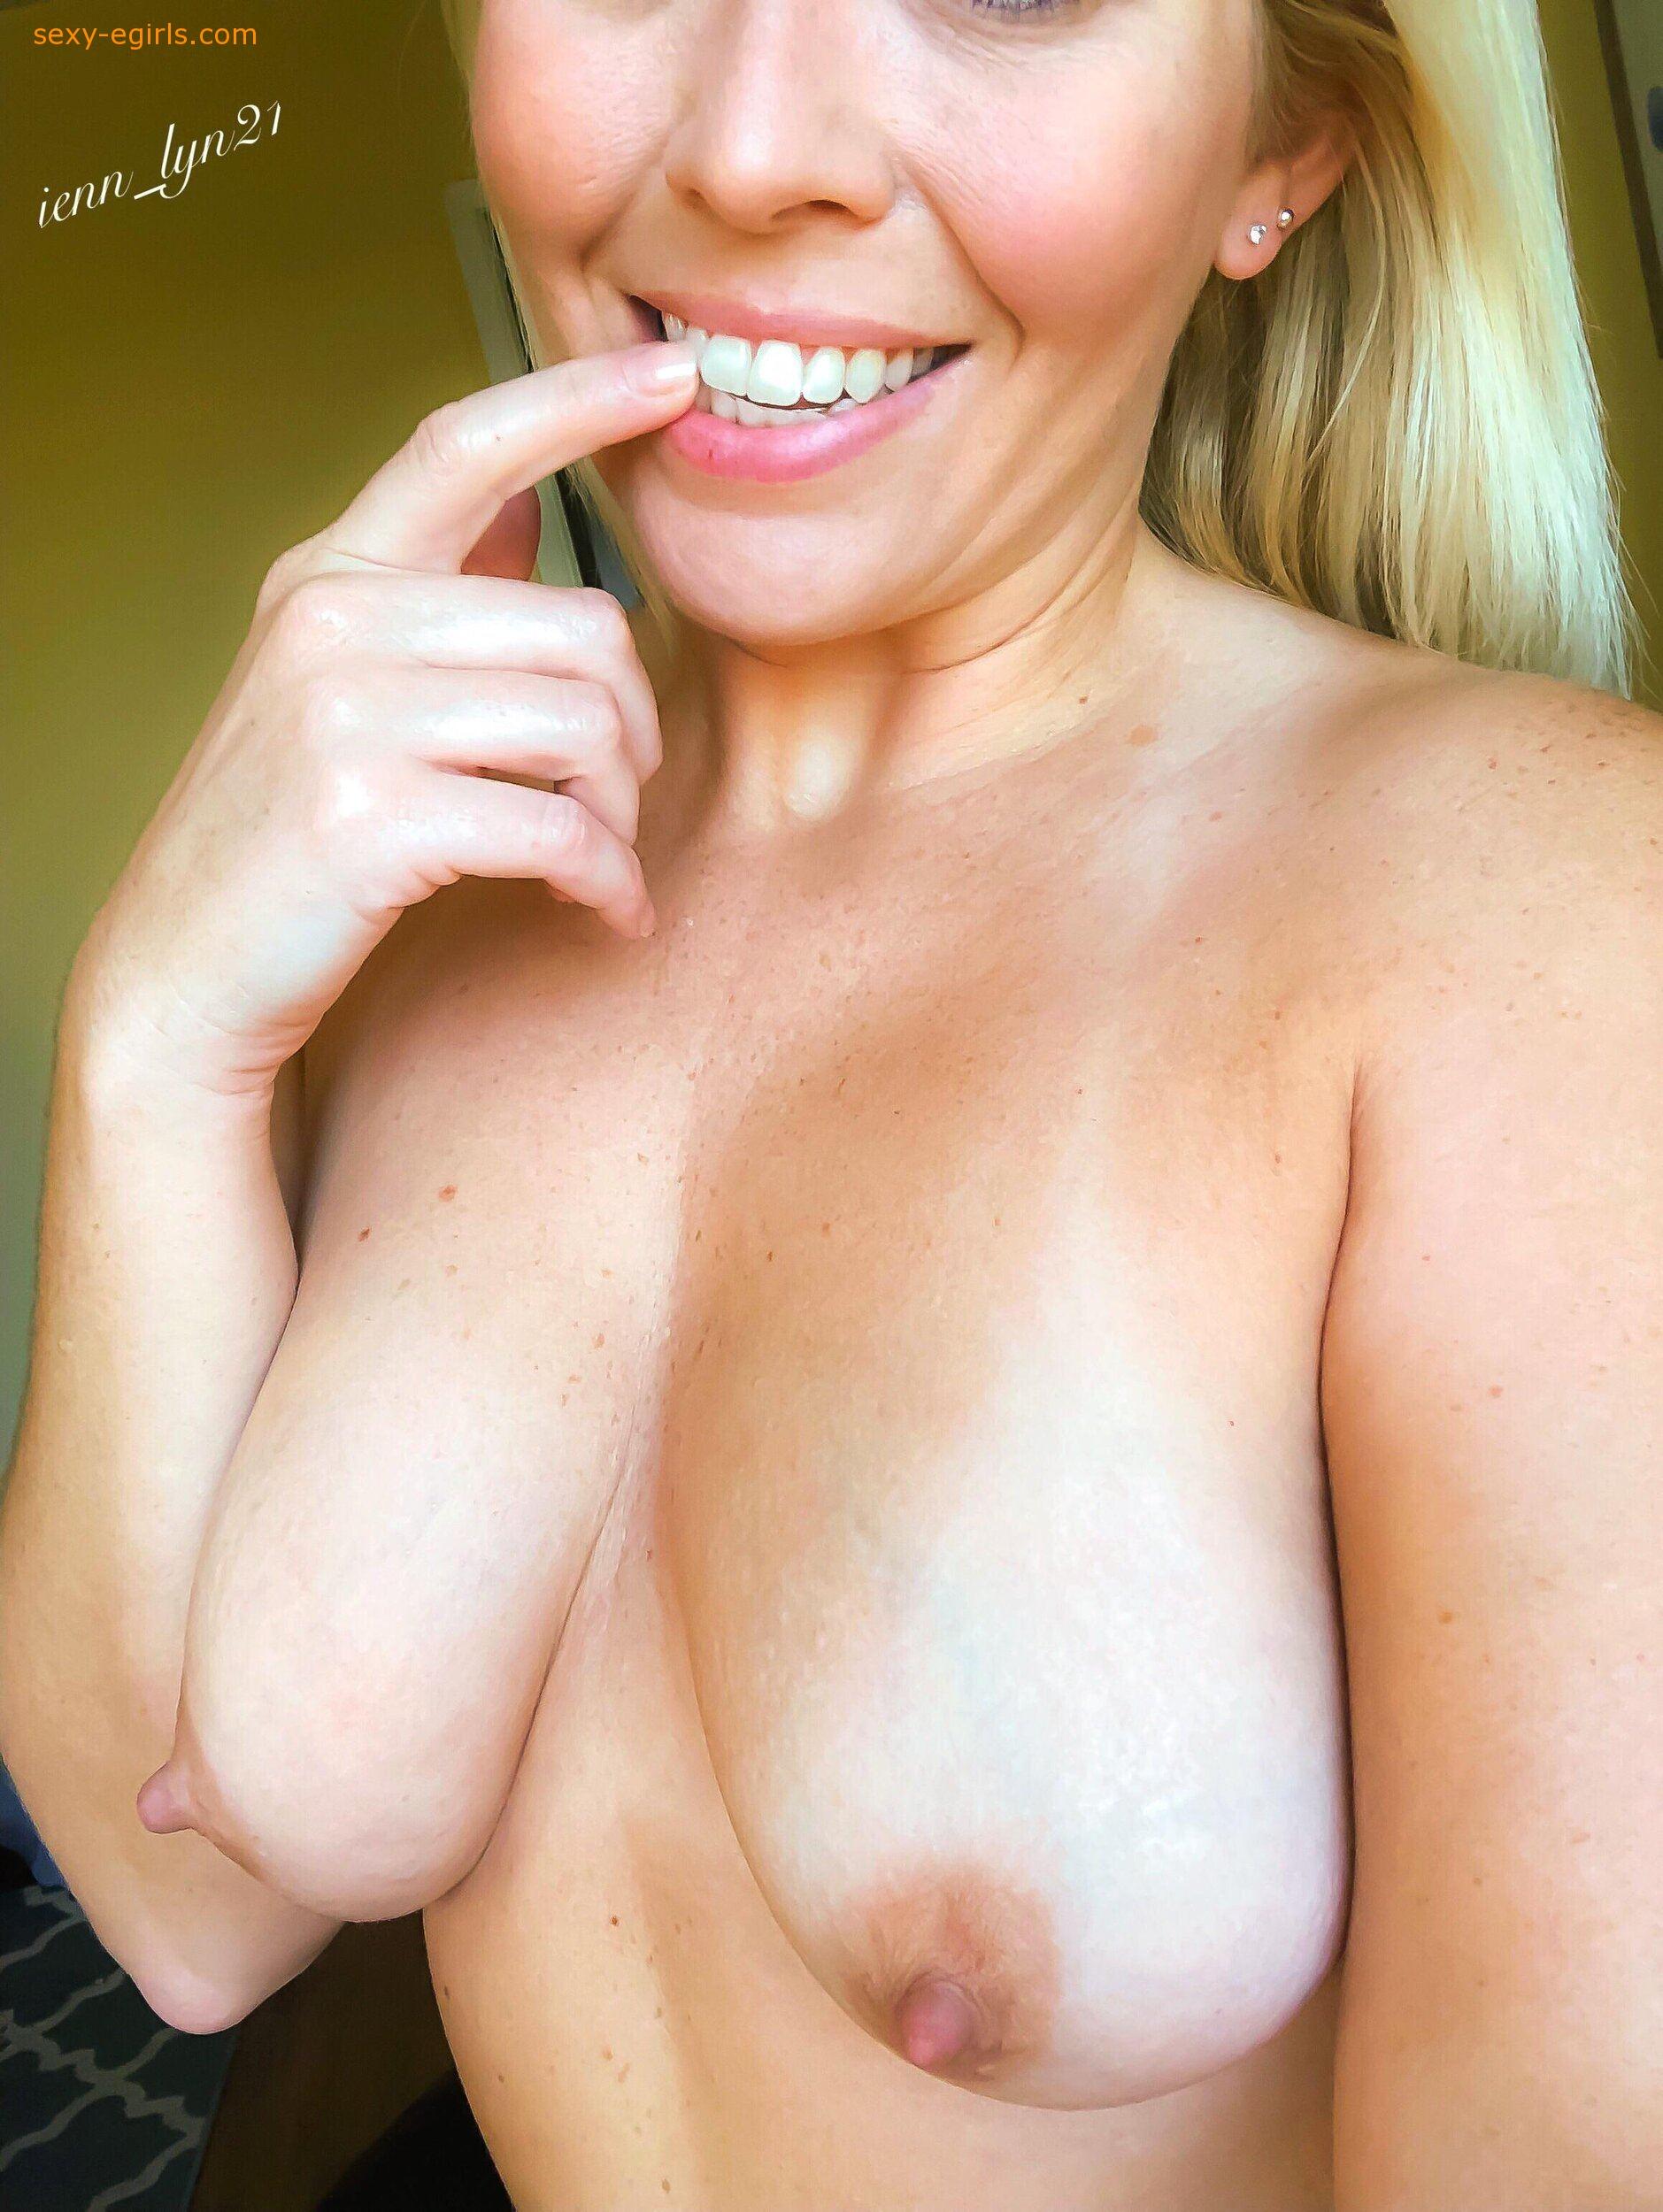 Jenn Lyn21 Onlyfans Nude Photo Leaks 0014